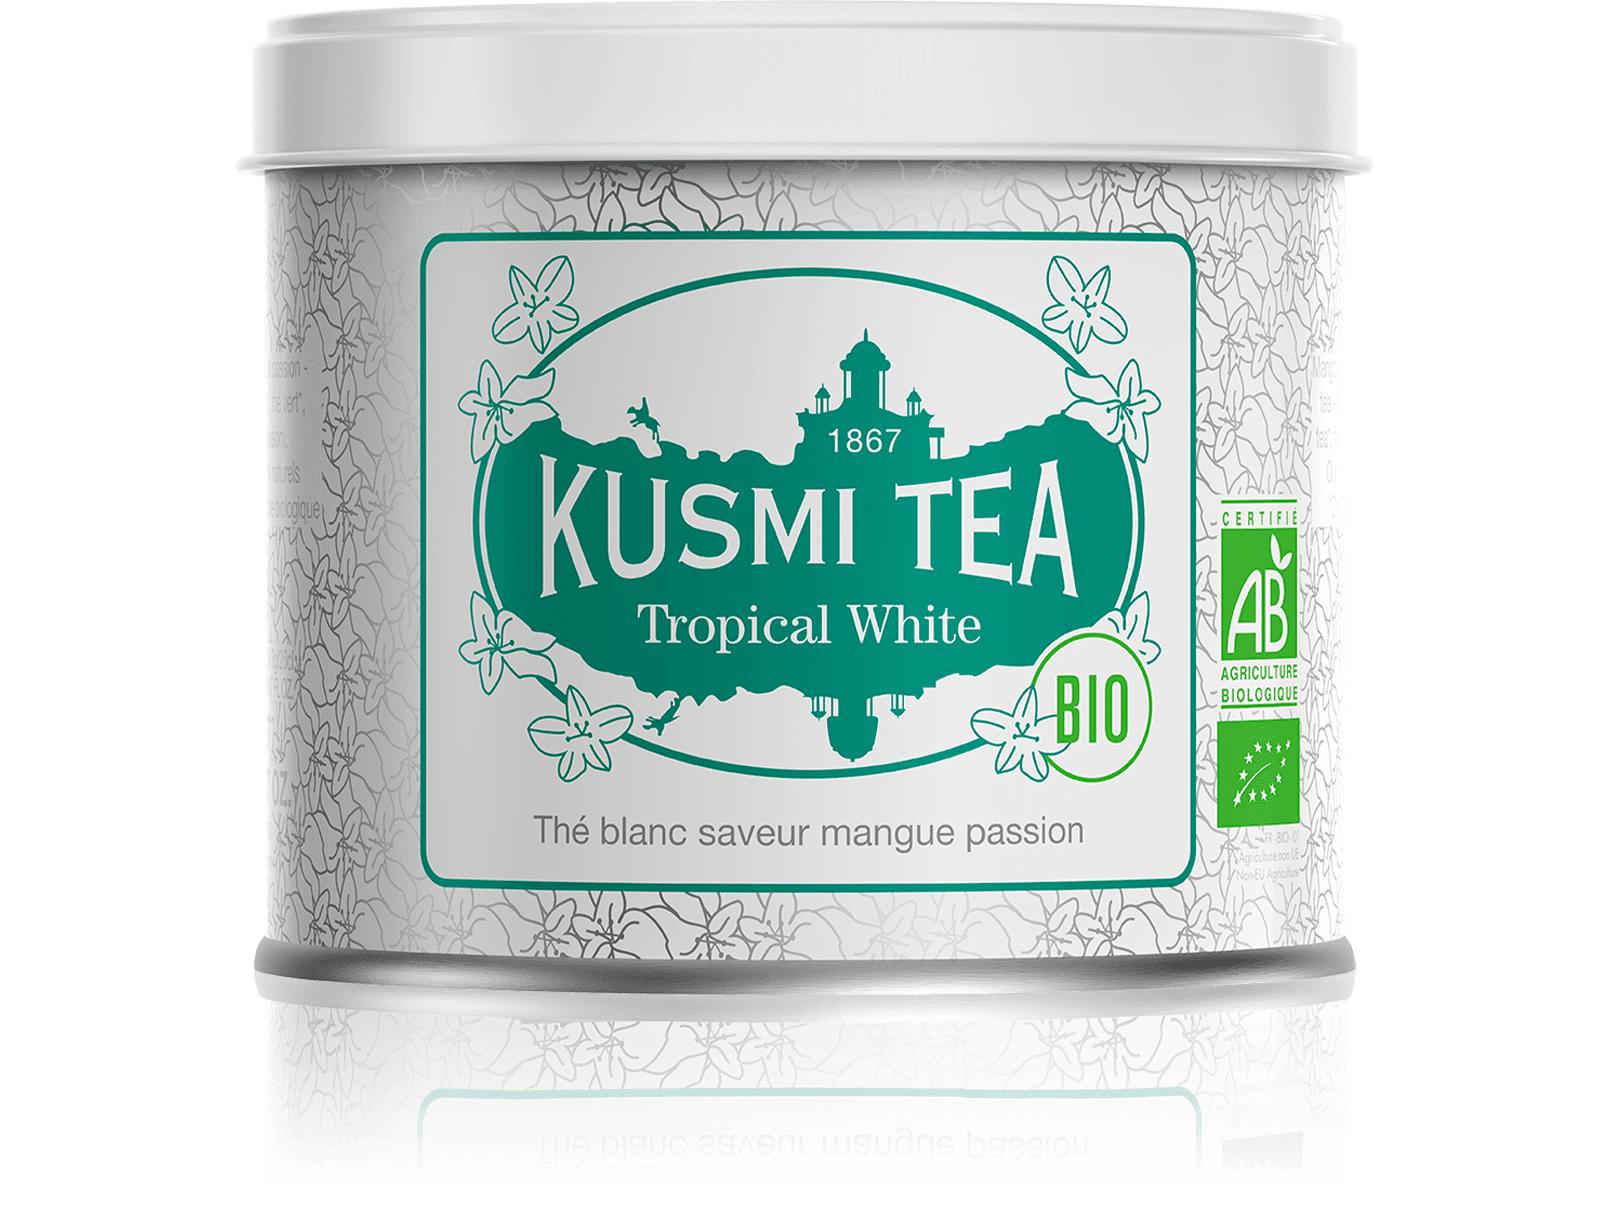 KUSMI TEA Tropical White bio - Thé blanc, mangue, passion - Kusmi Tea